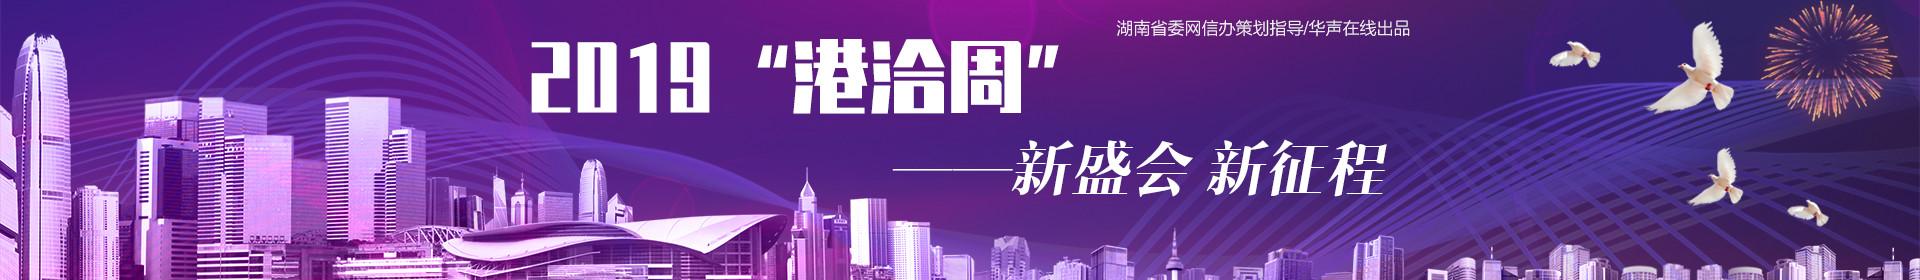 """2019""""港洽周""""——新盛会 新征程"""